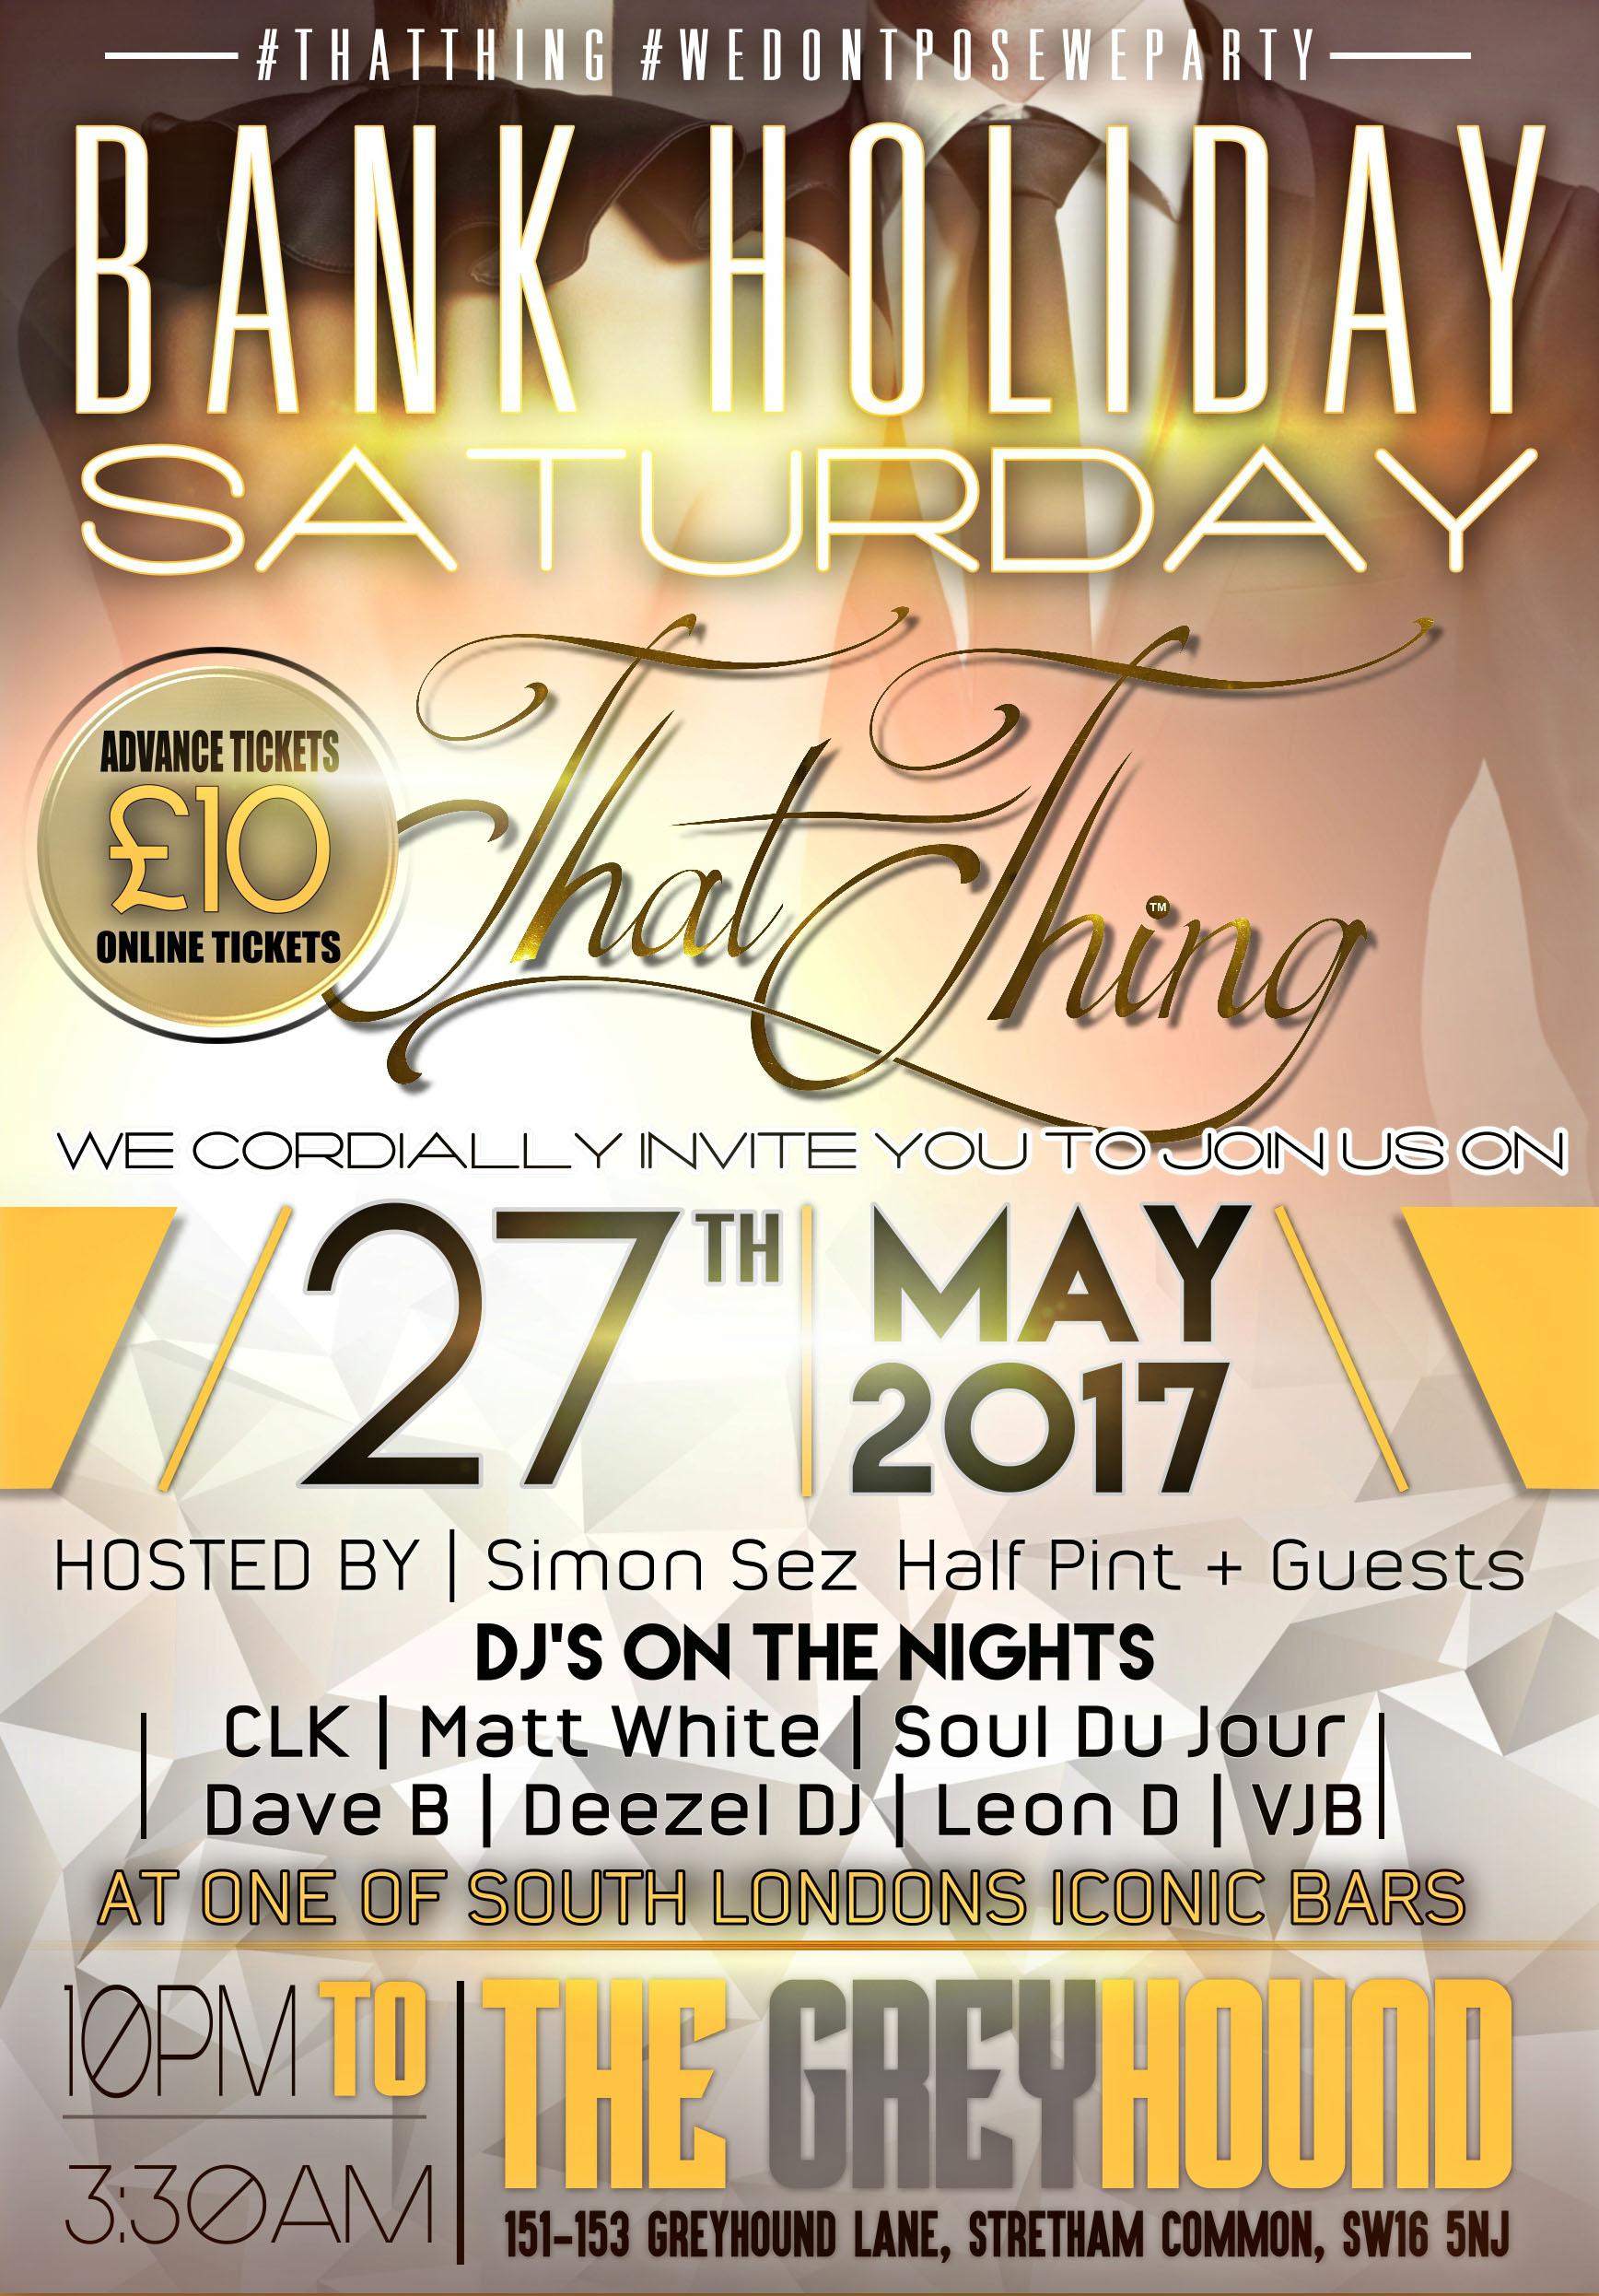 ThatThing Bank Holiday Saturday 27th May 2017